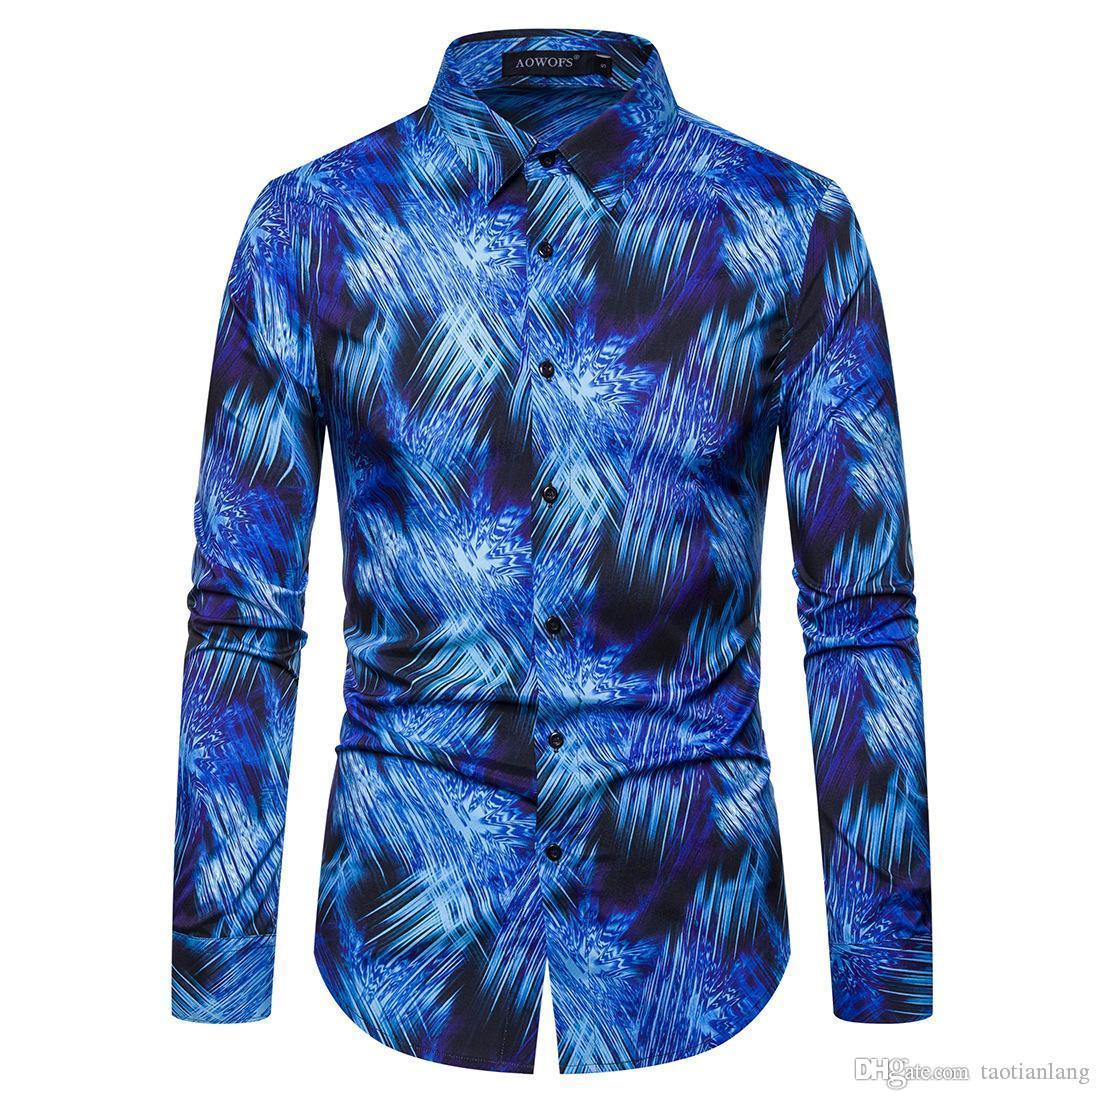 2019 Yeni Geliş Man Moda Gömlek Desen Tasarımı Uzun Kollu Renk Slim Fit adam Casual Gömlek Erkekler Gömlekler J190812 yazdır Boya